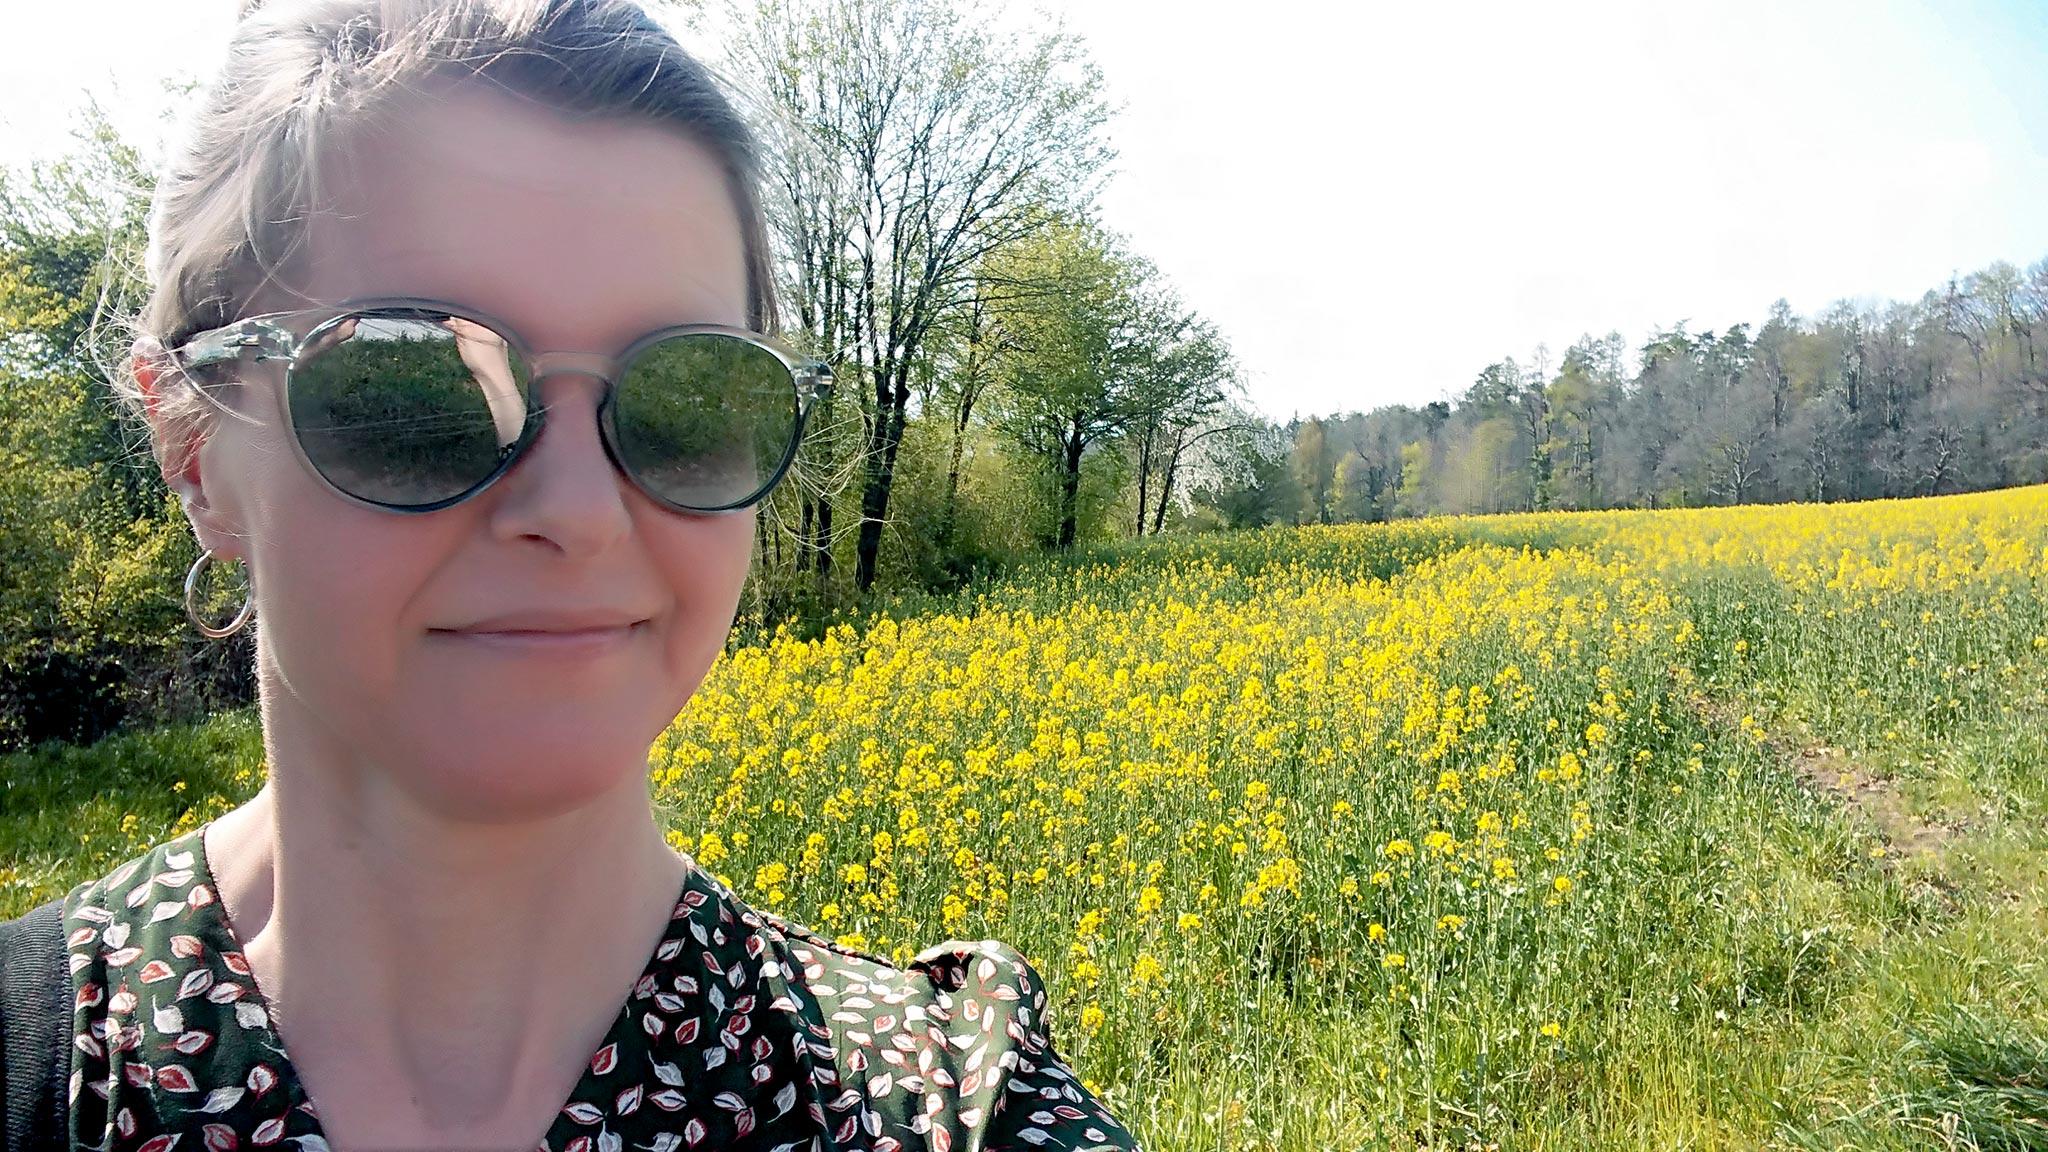 Liisa Helve-Sibaja ja keväinen rypsipelto Zürichissa. Kuva © Liisa Helve-Sibaja